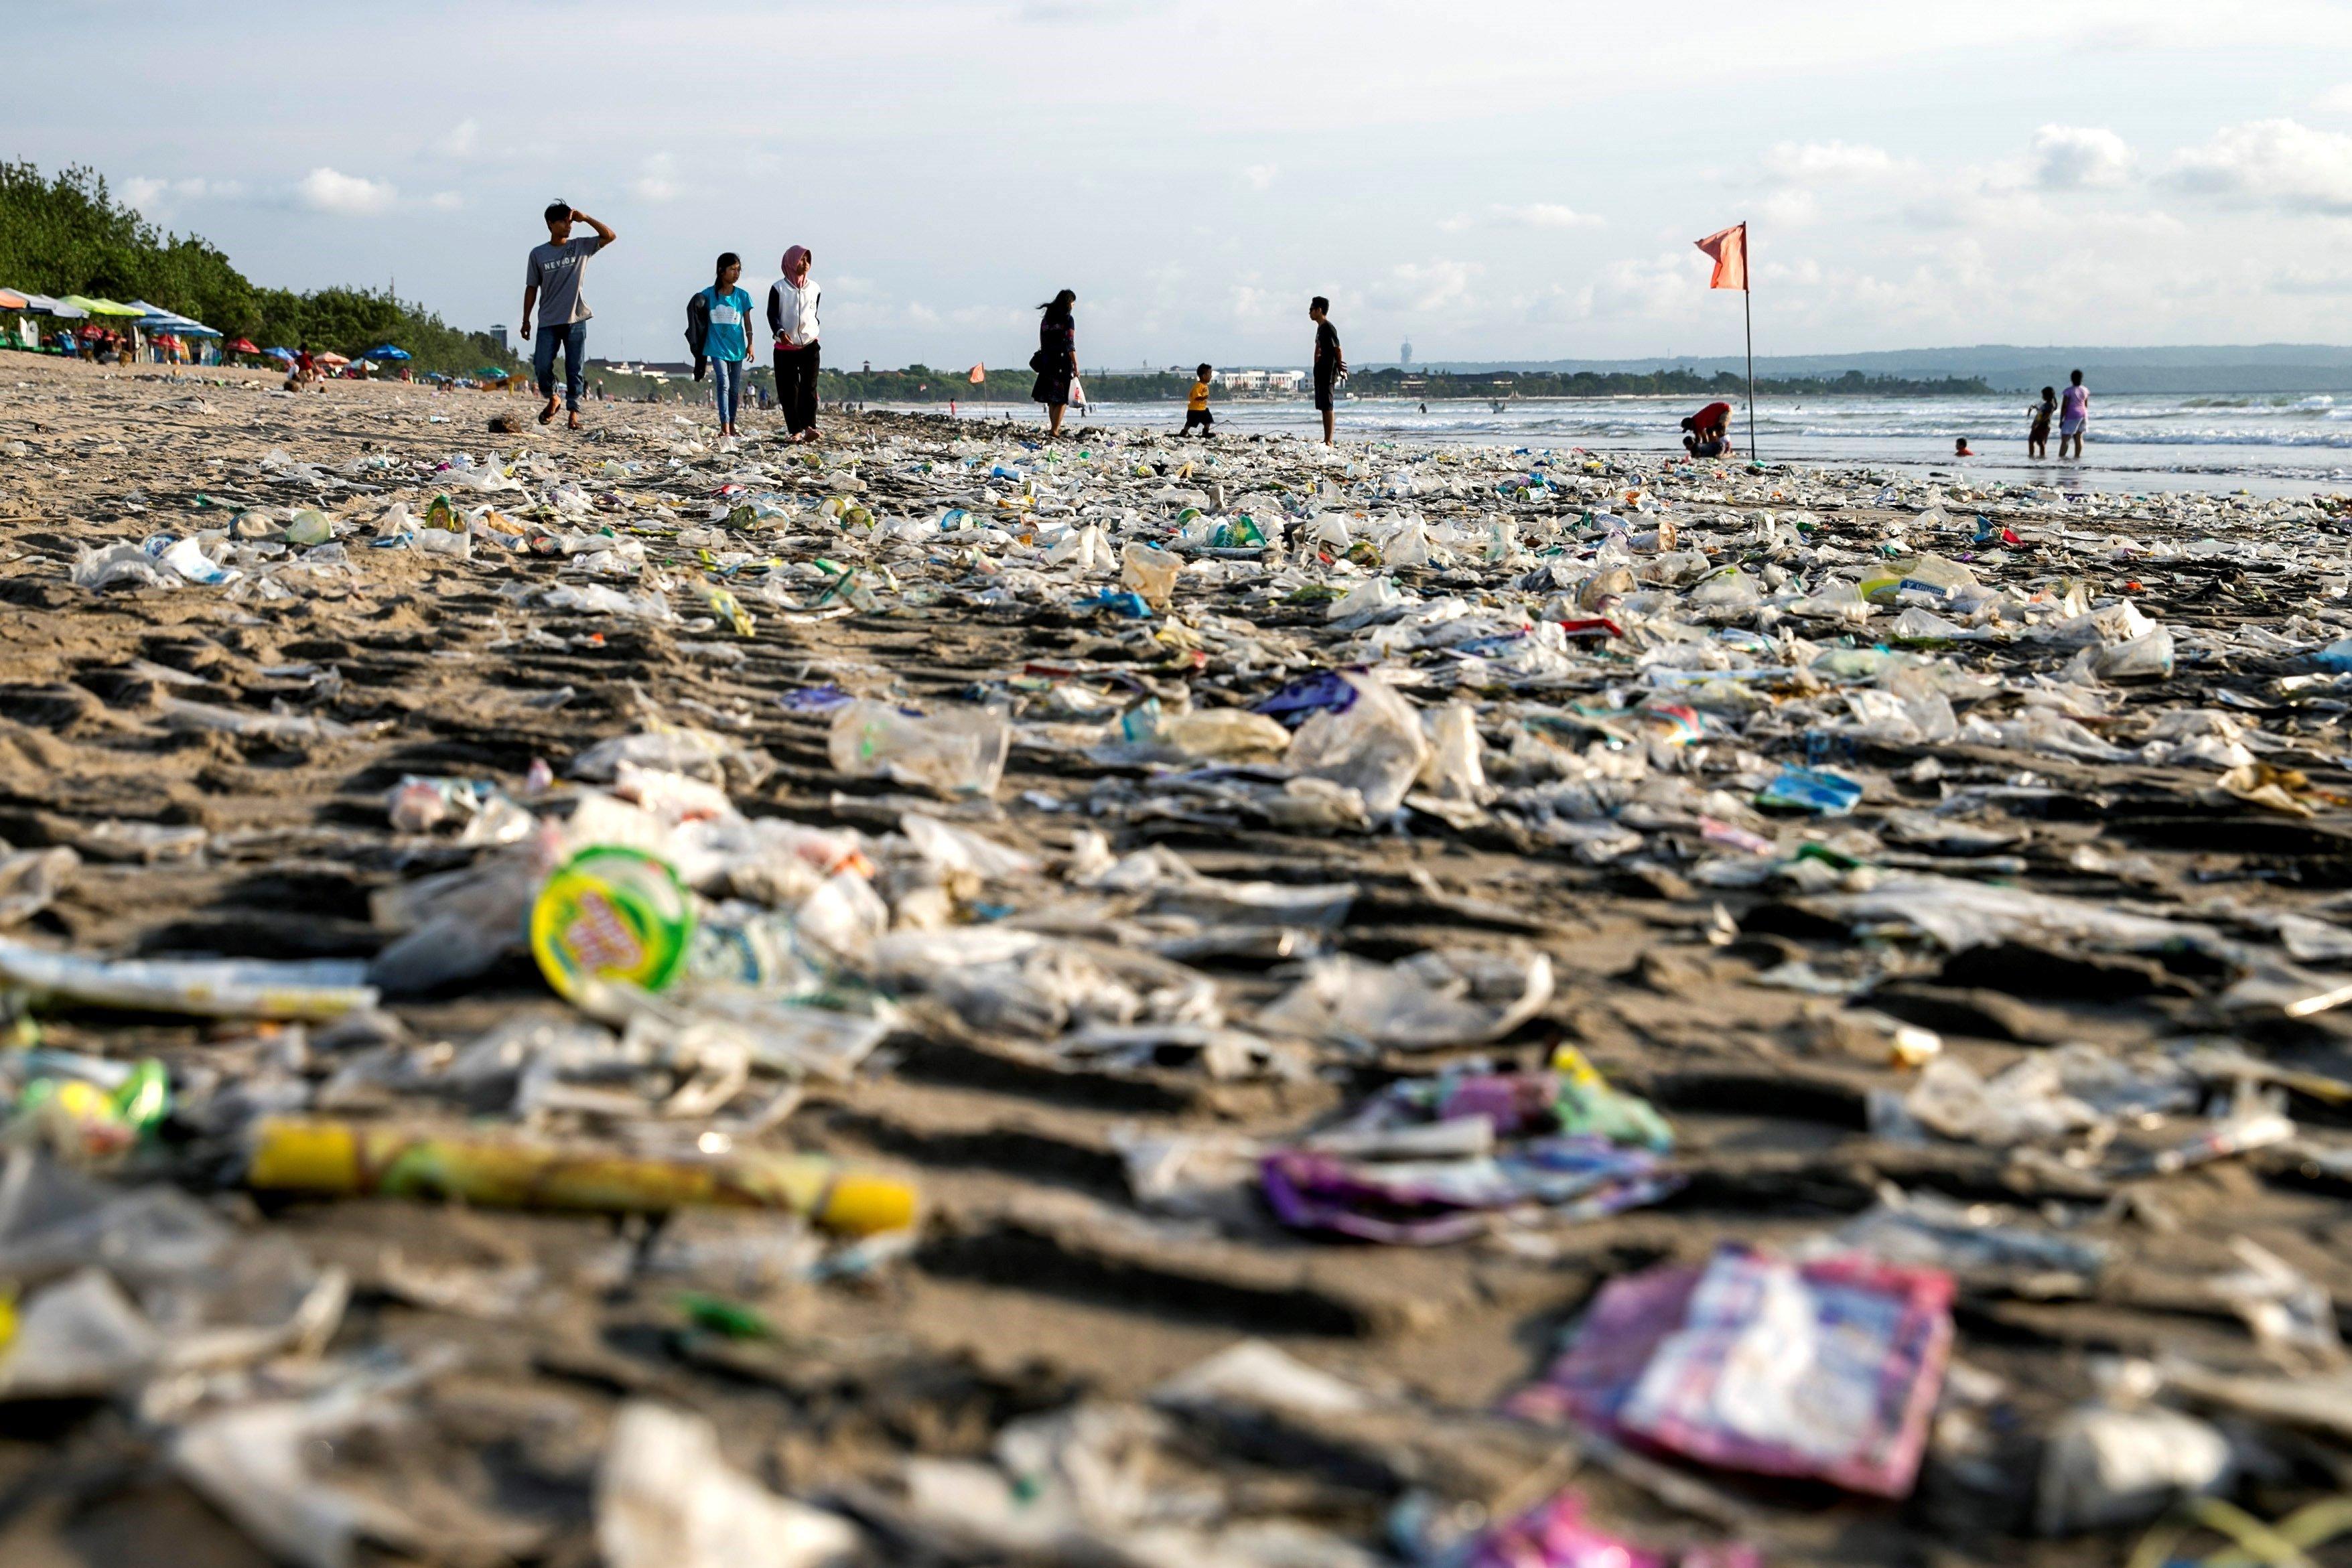 Restes de plàstic a la platja de Kuta, la destinació més coneguda de l'illa de Bali, a Indonèsia. /MADE NAGI